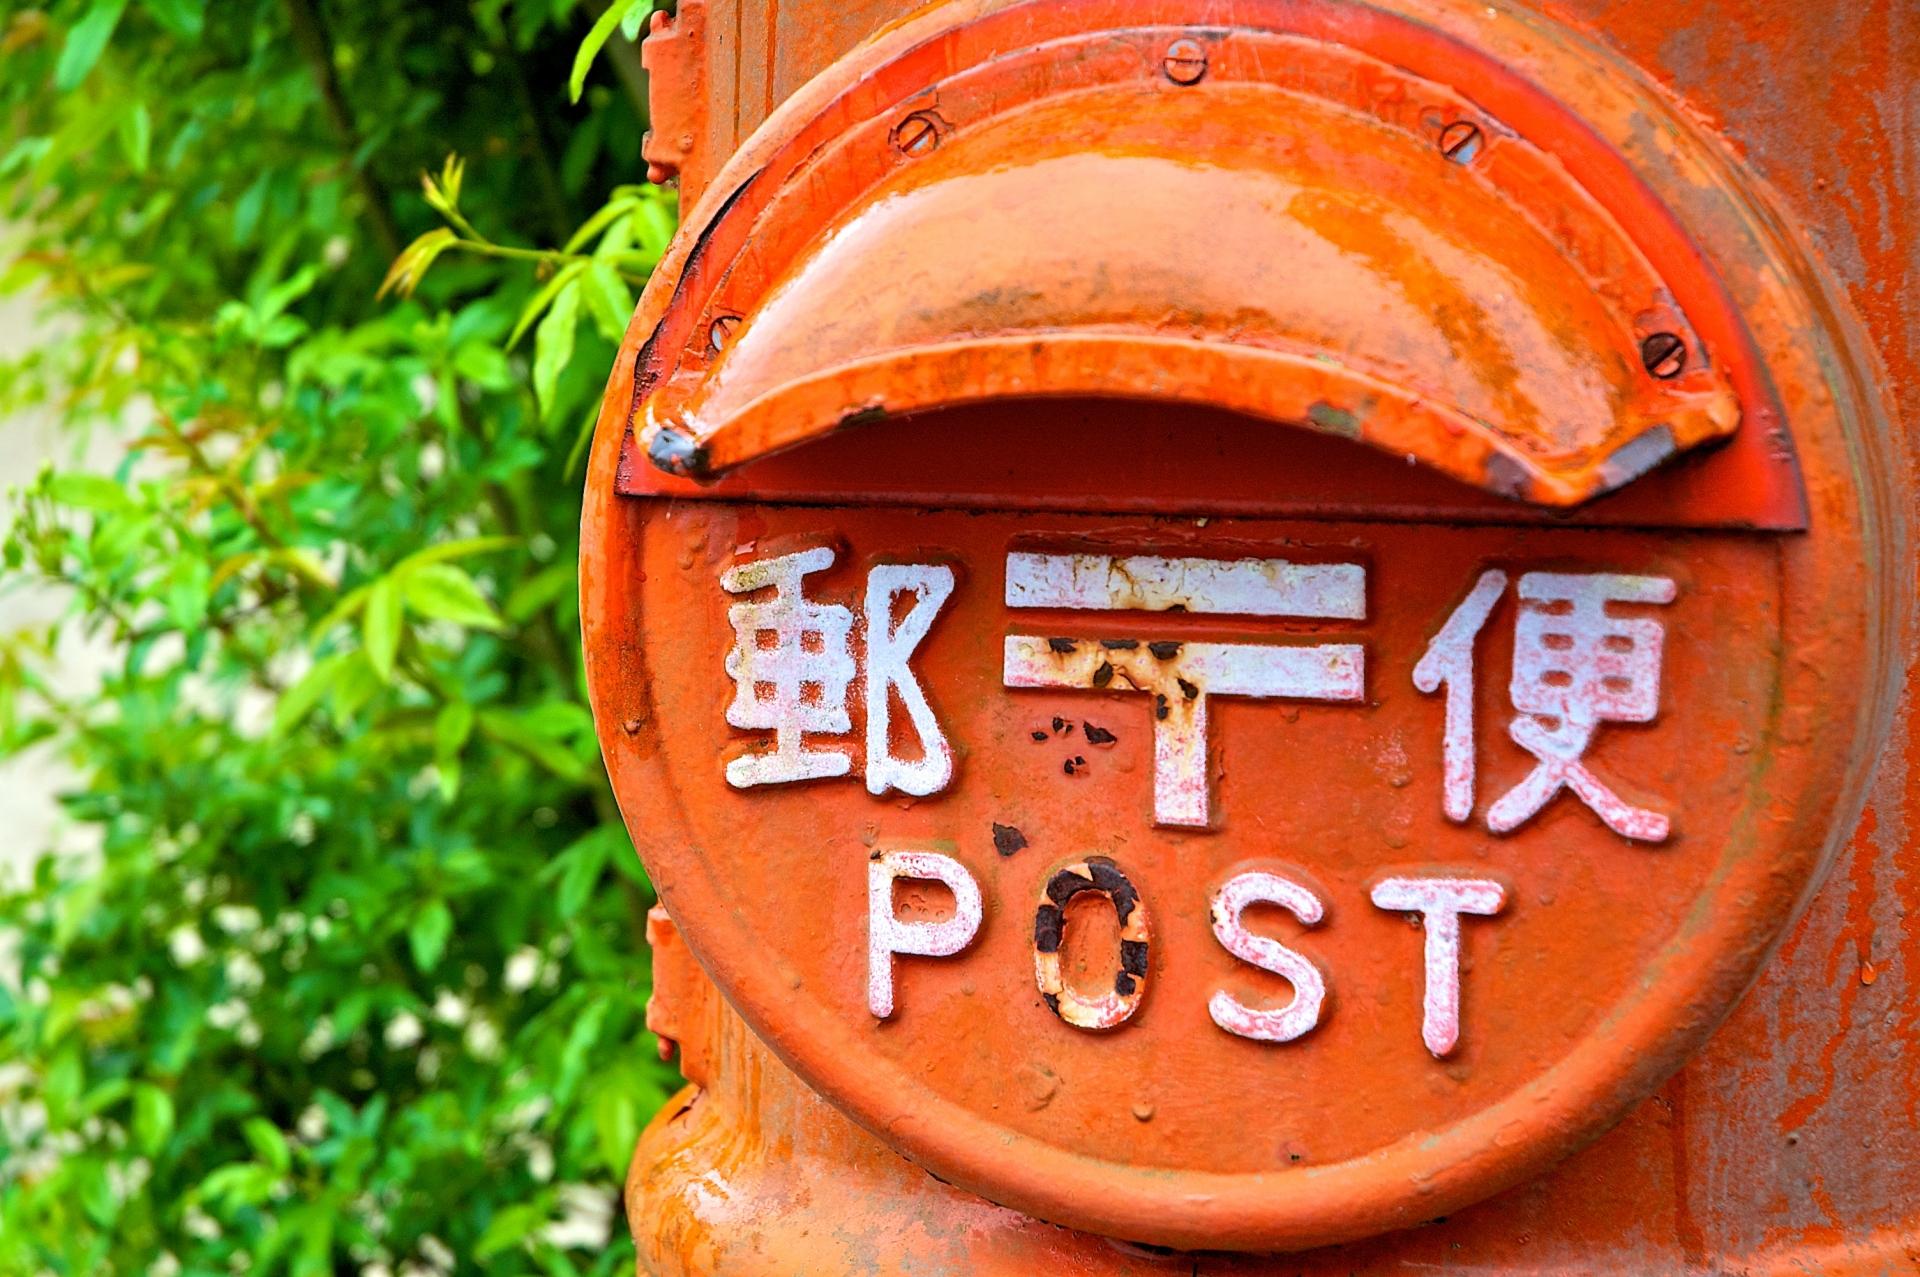 2020年6月21日 佐倉市 一般任期付き職員募集(追加募集)